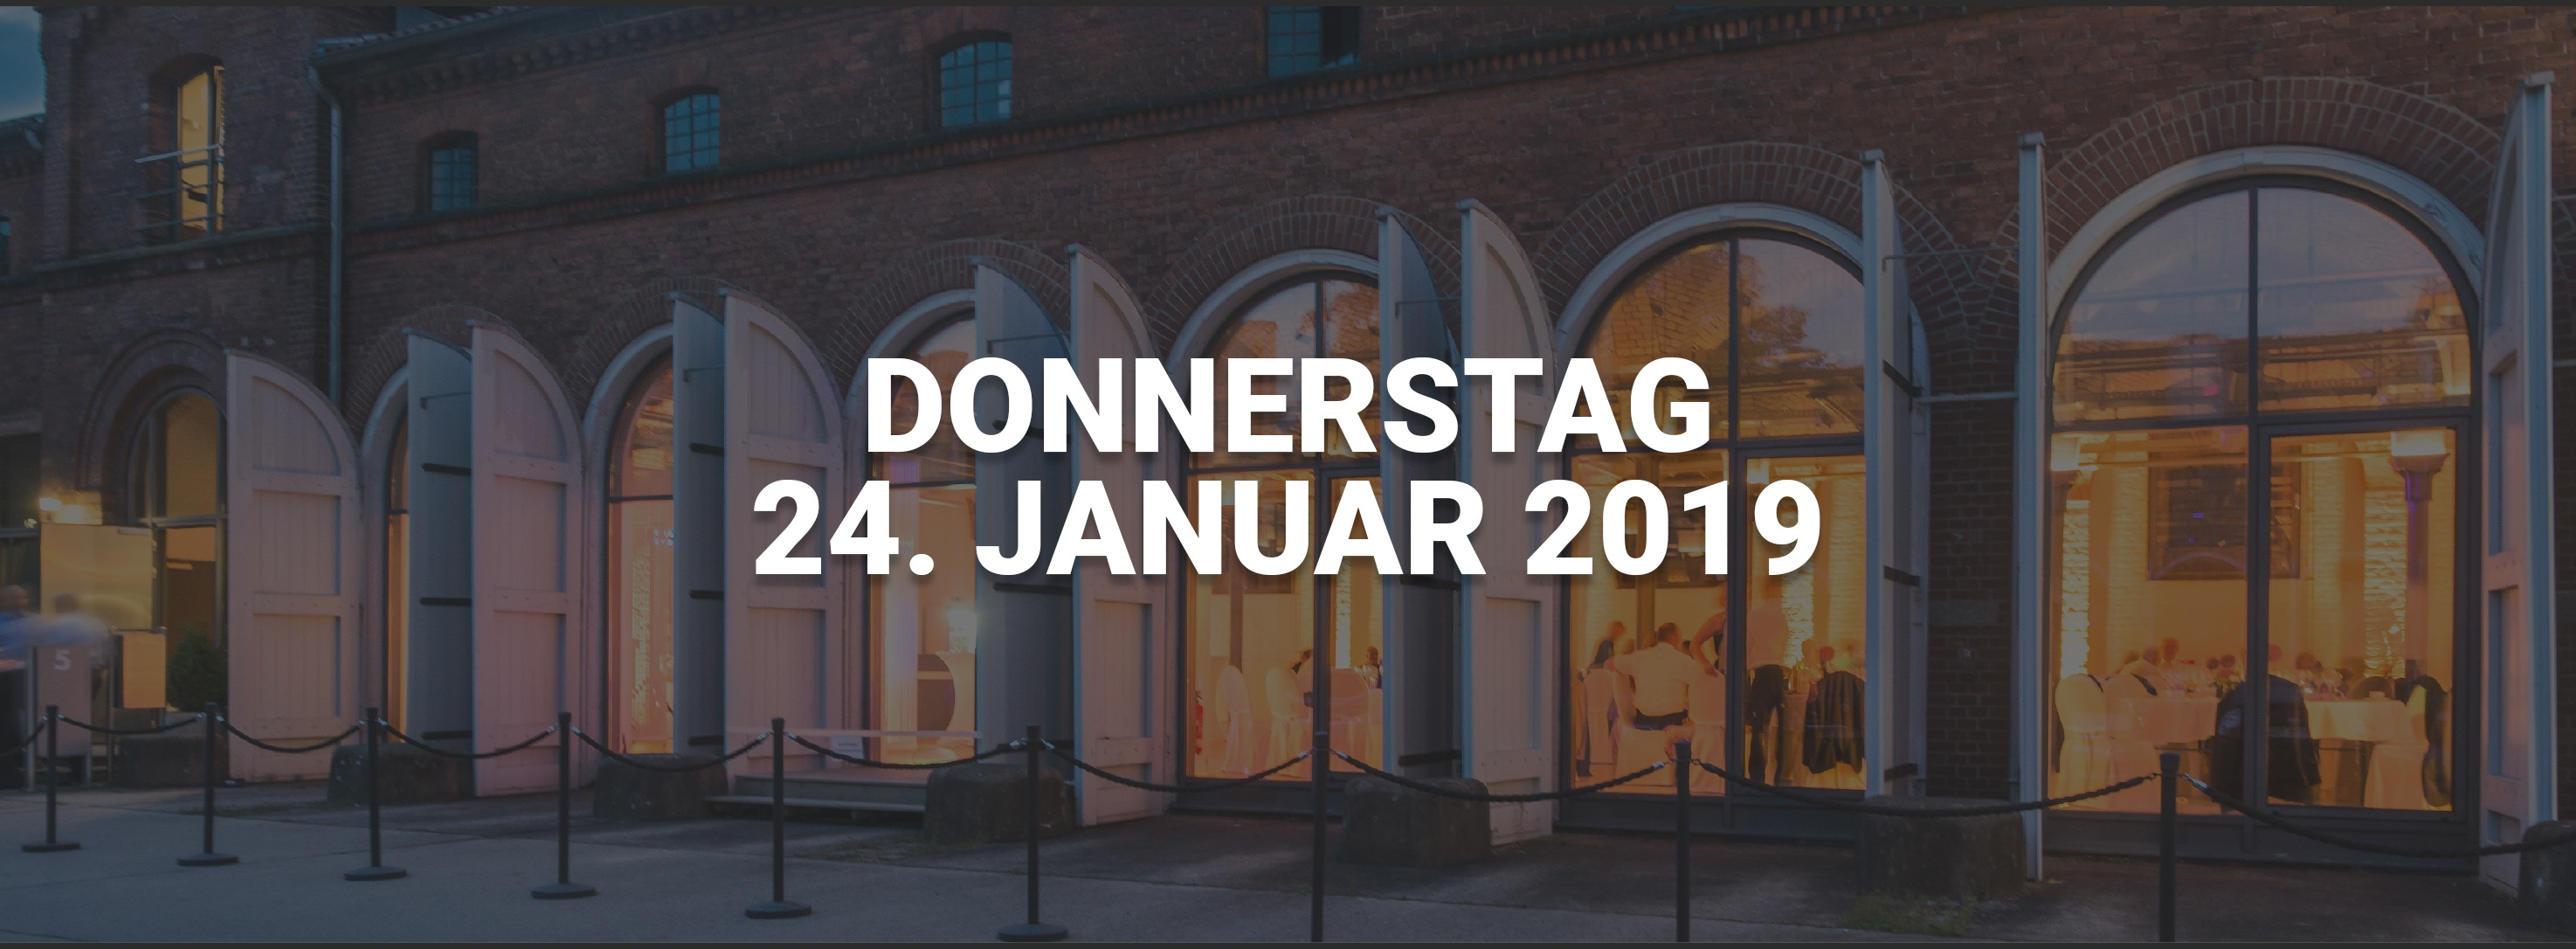 Datum für den Neujahrsempfang 2019. Im Hintergrund der Kunstsaal Lüneburg.